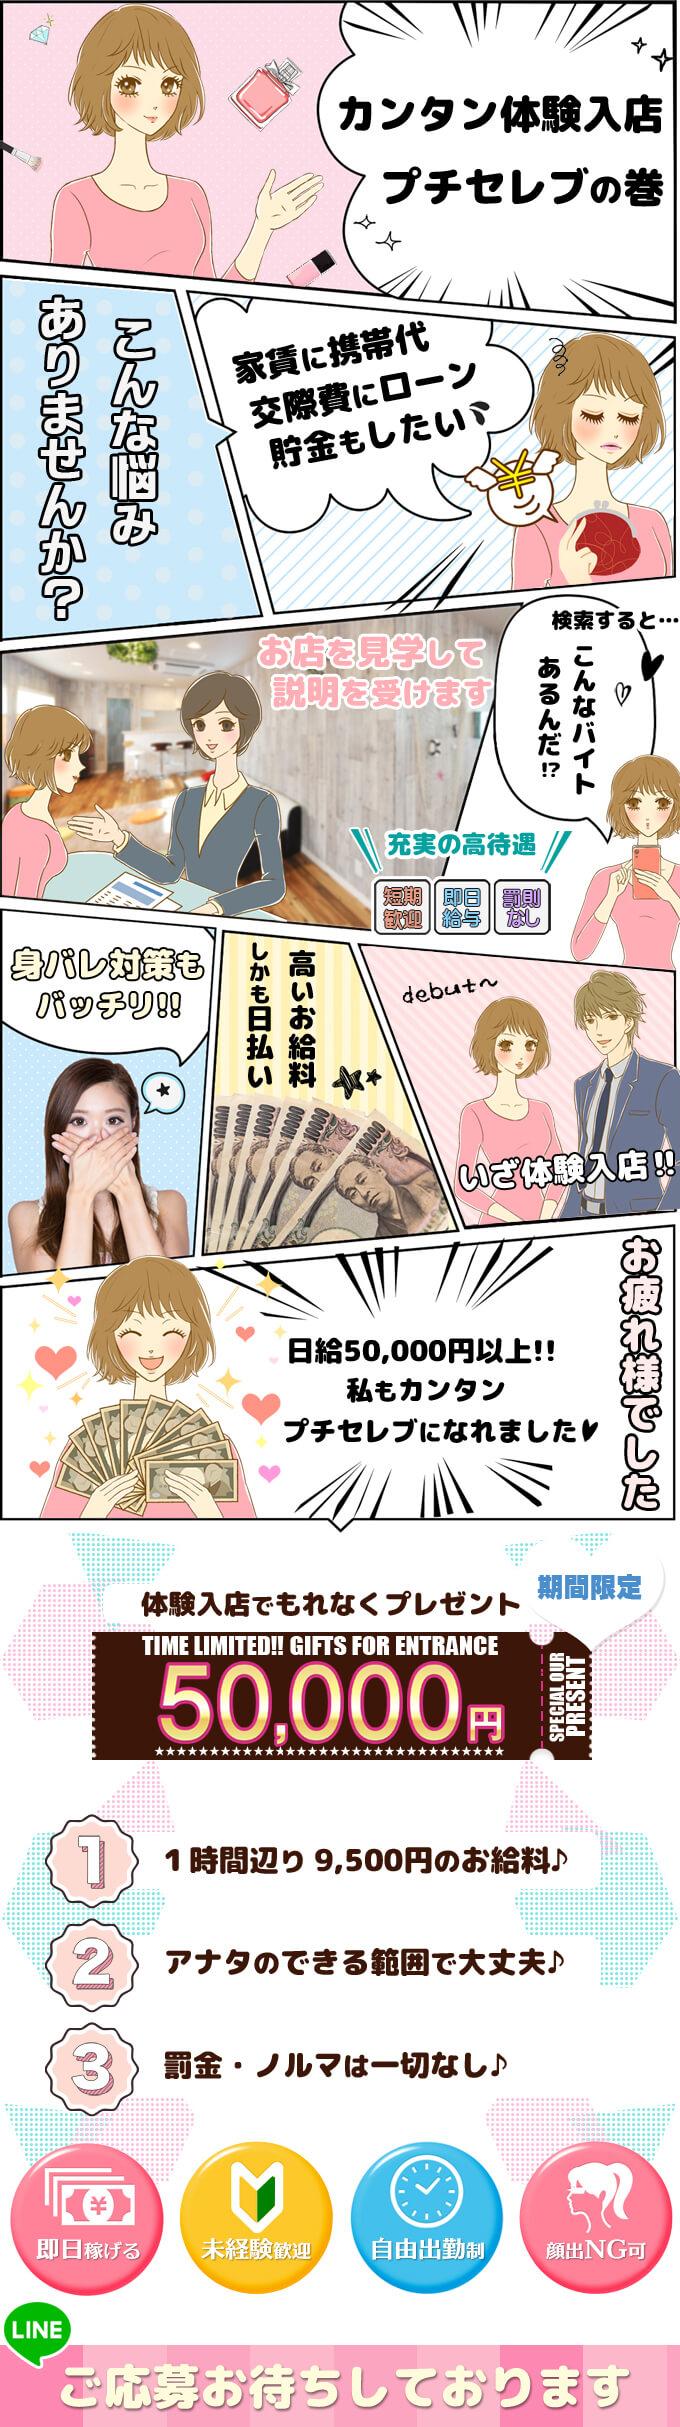 体験入店でもれなく5万円プレゼント!